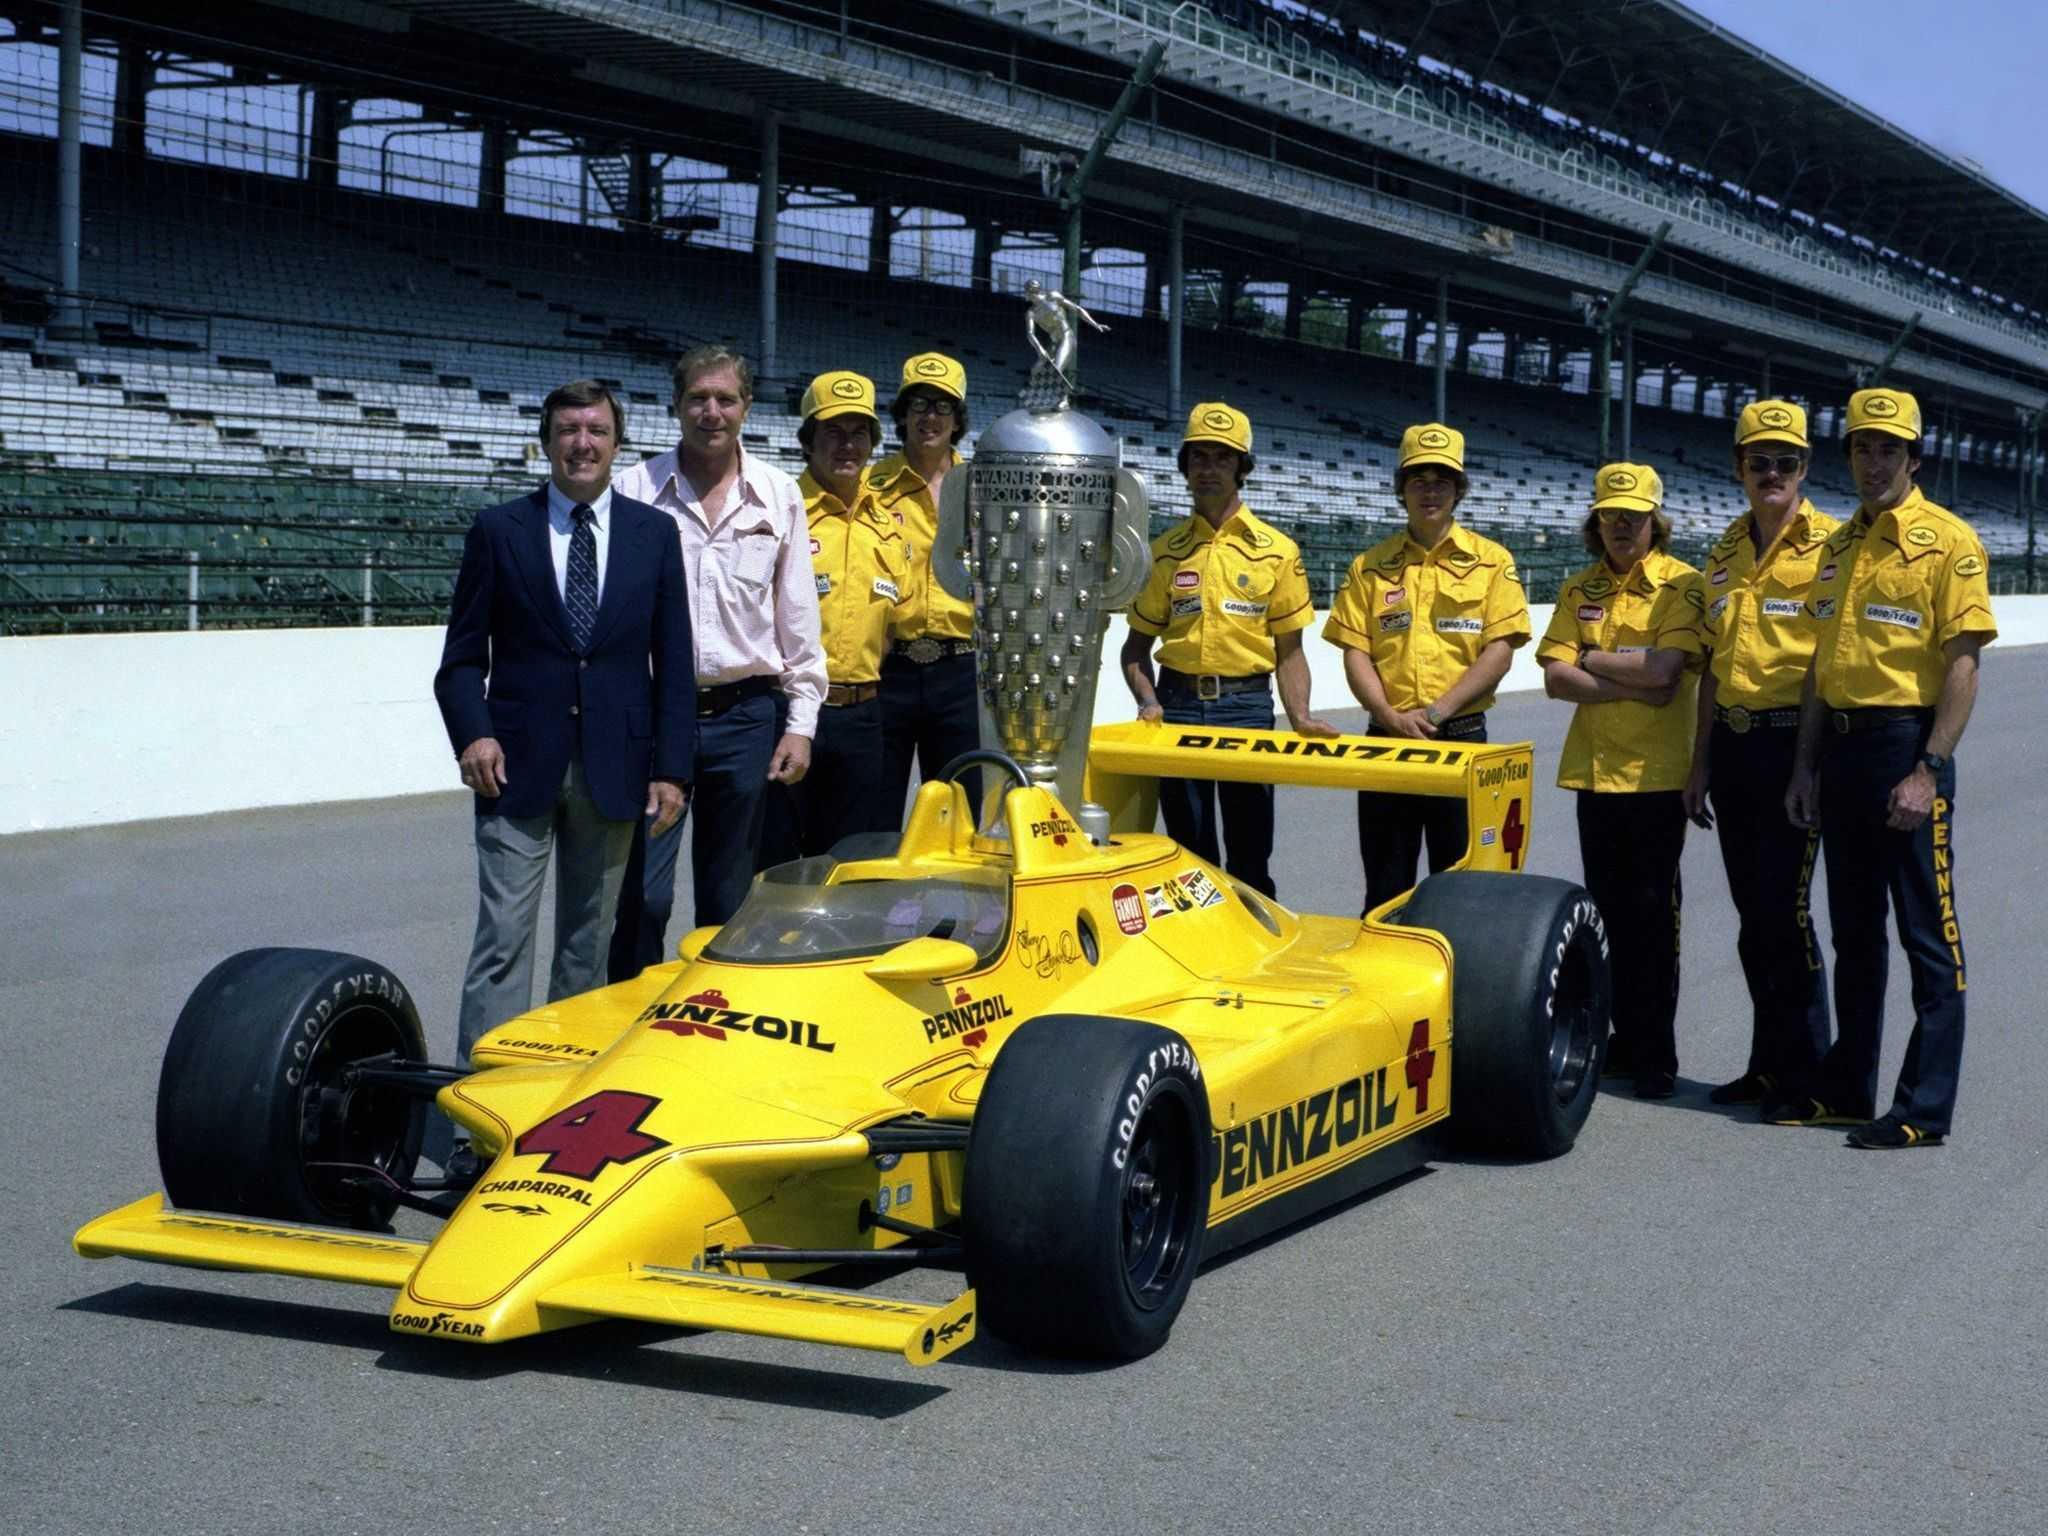 «Чапаррал 2K Косуорт» в окружении победителя «Инди-500»'80 Джонни Разерфорда, Джима Холла и механиков команды